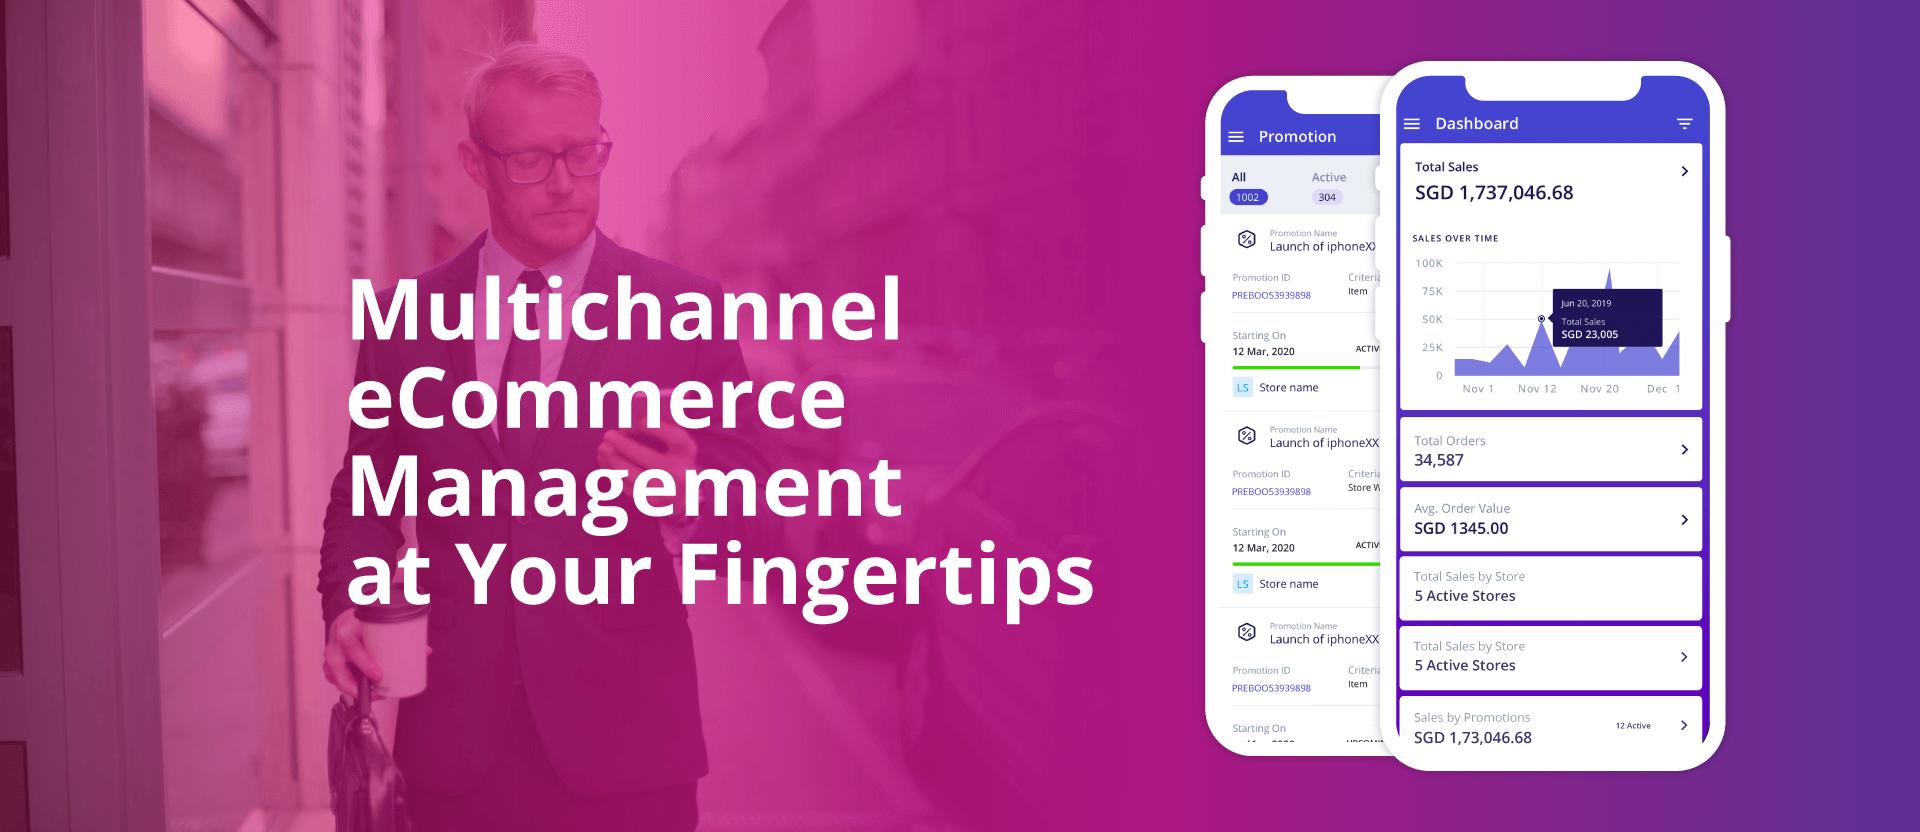 Multichannel ecommerce management